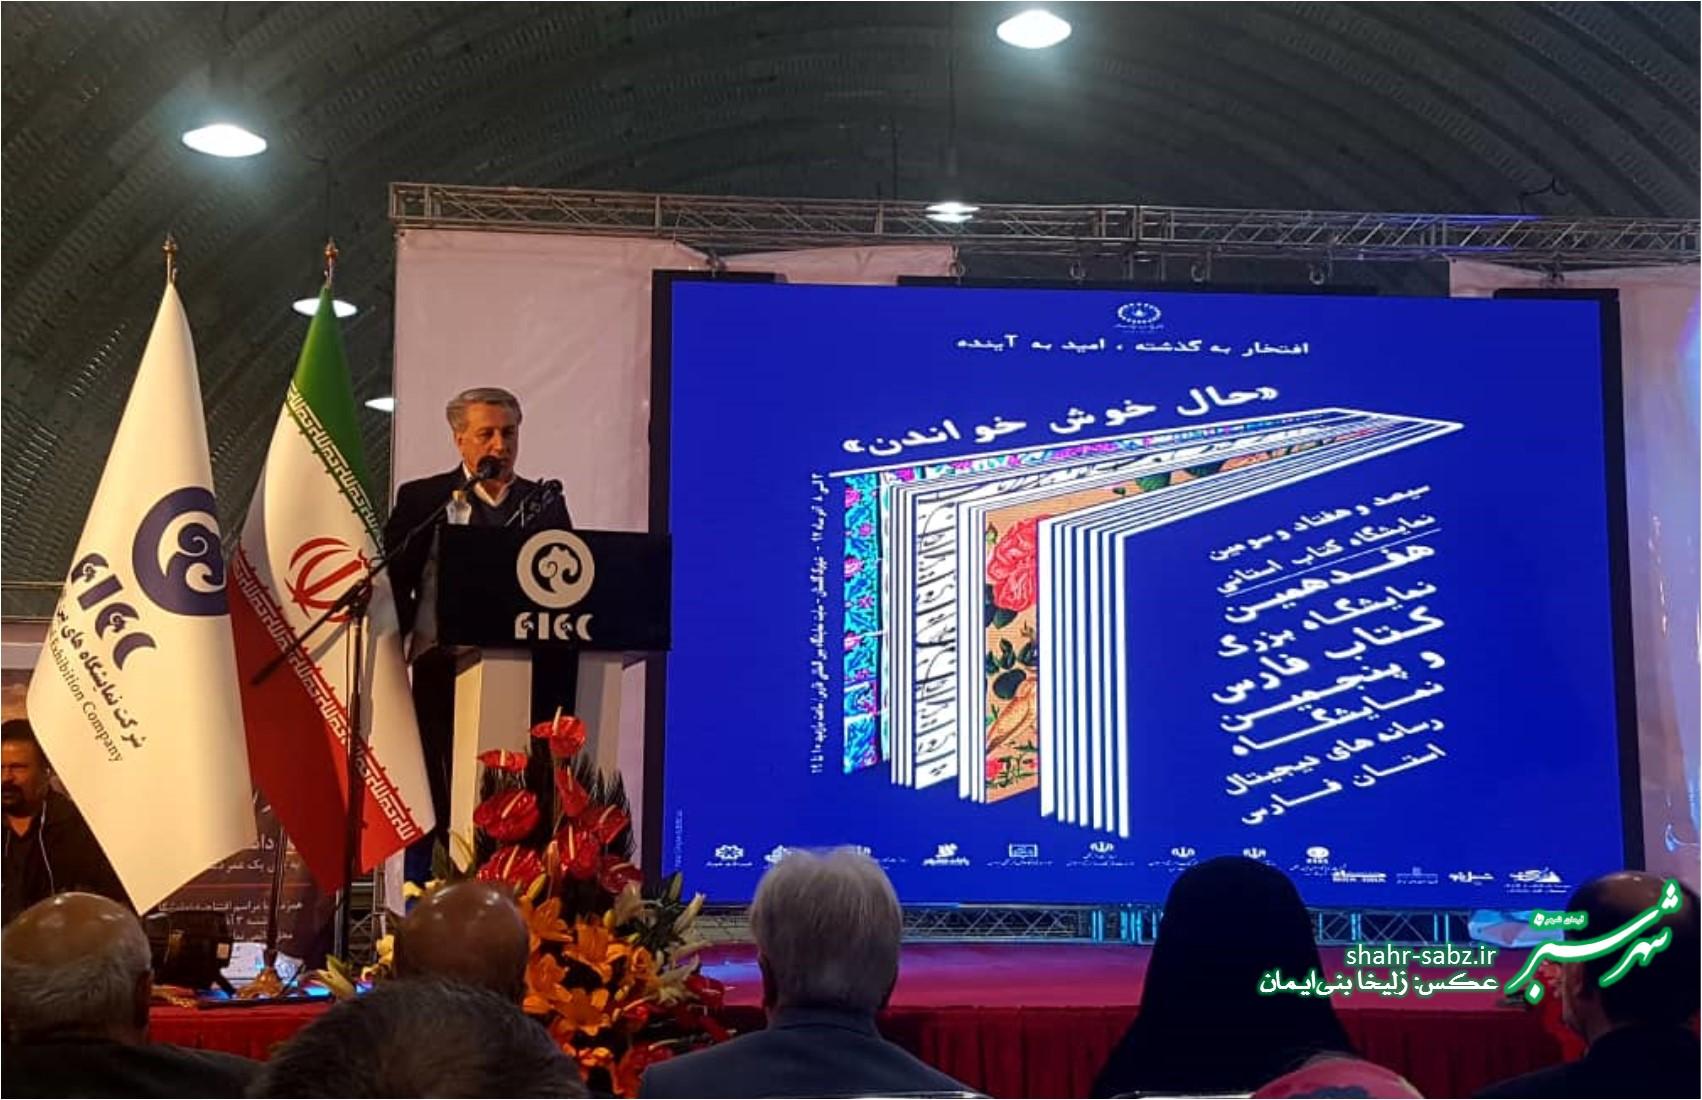 افتتاحیه نمایشگاه کتاب شیراز/ دوم آذر97/صابر سهرابی/ عکس: زلیخا بنی ایمان